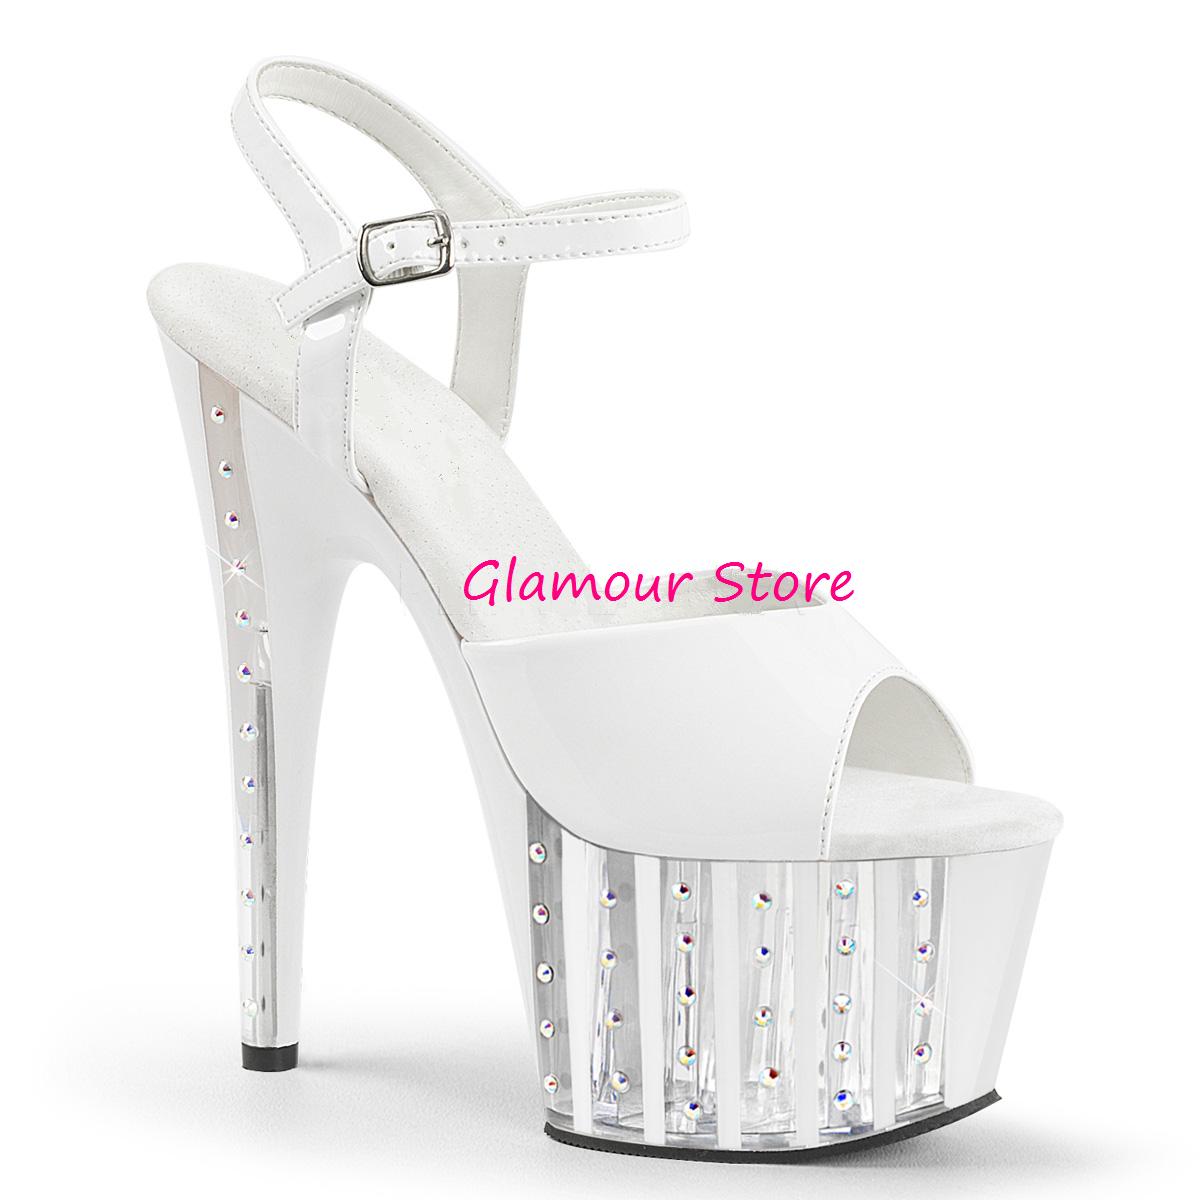 Sexy SANDALI BIANCHI STRASS tacco 18 dal 35 scarpe al 42 plateau cinturino scarpe 35 CLUB a976d5